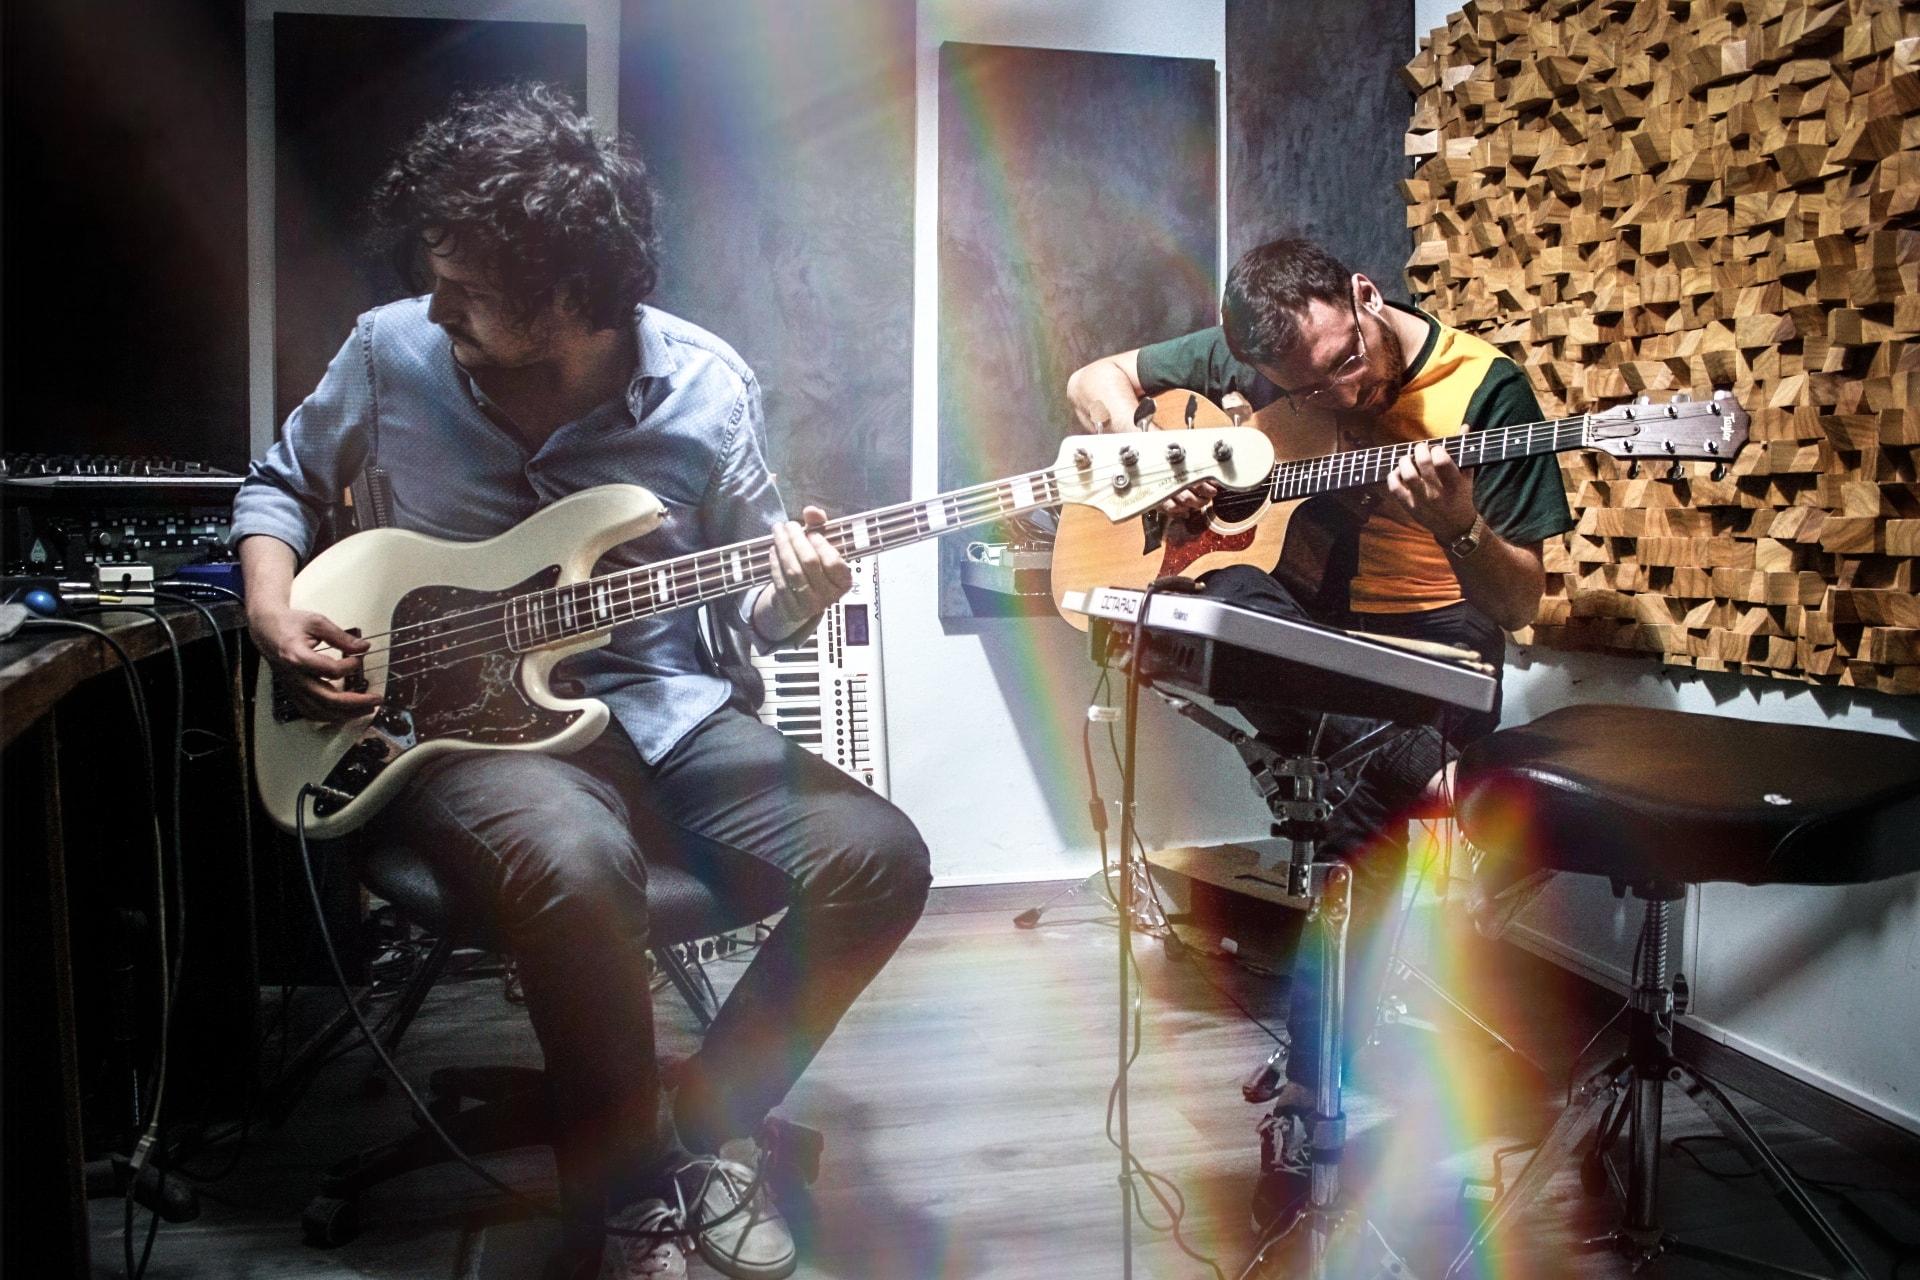 The New Science es una banda de art rock y new wave tapatía